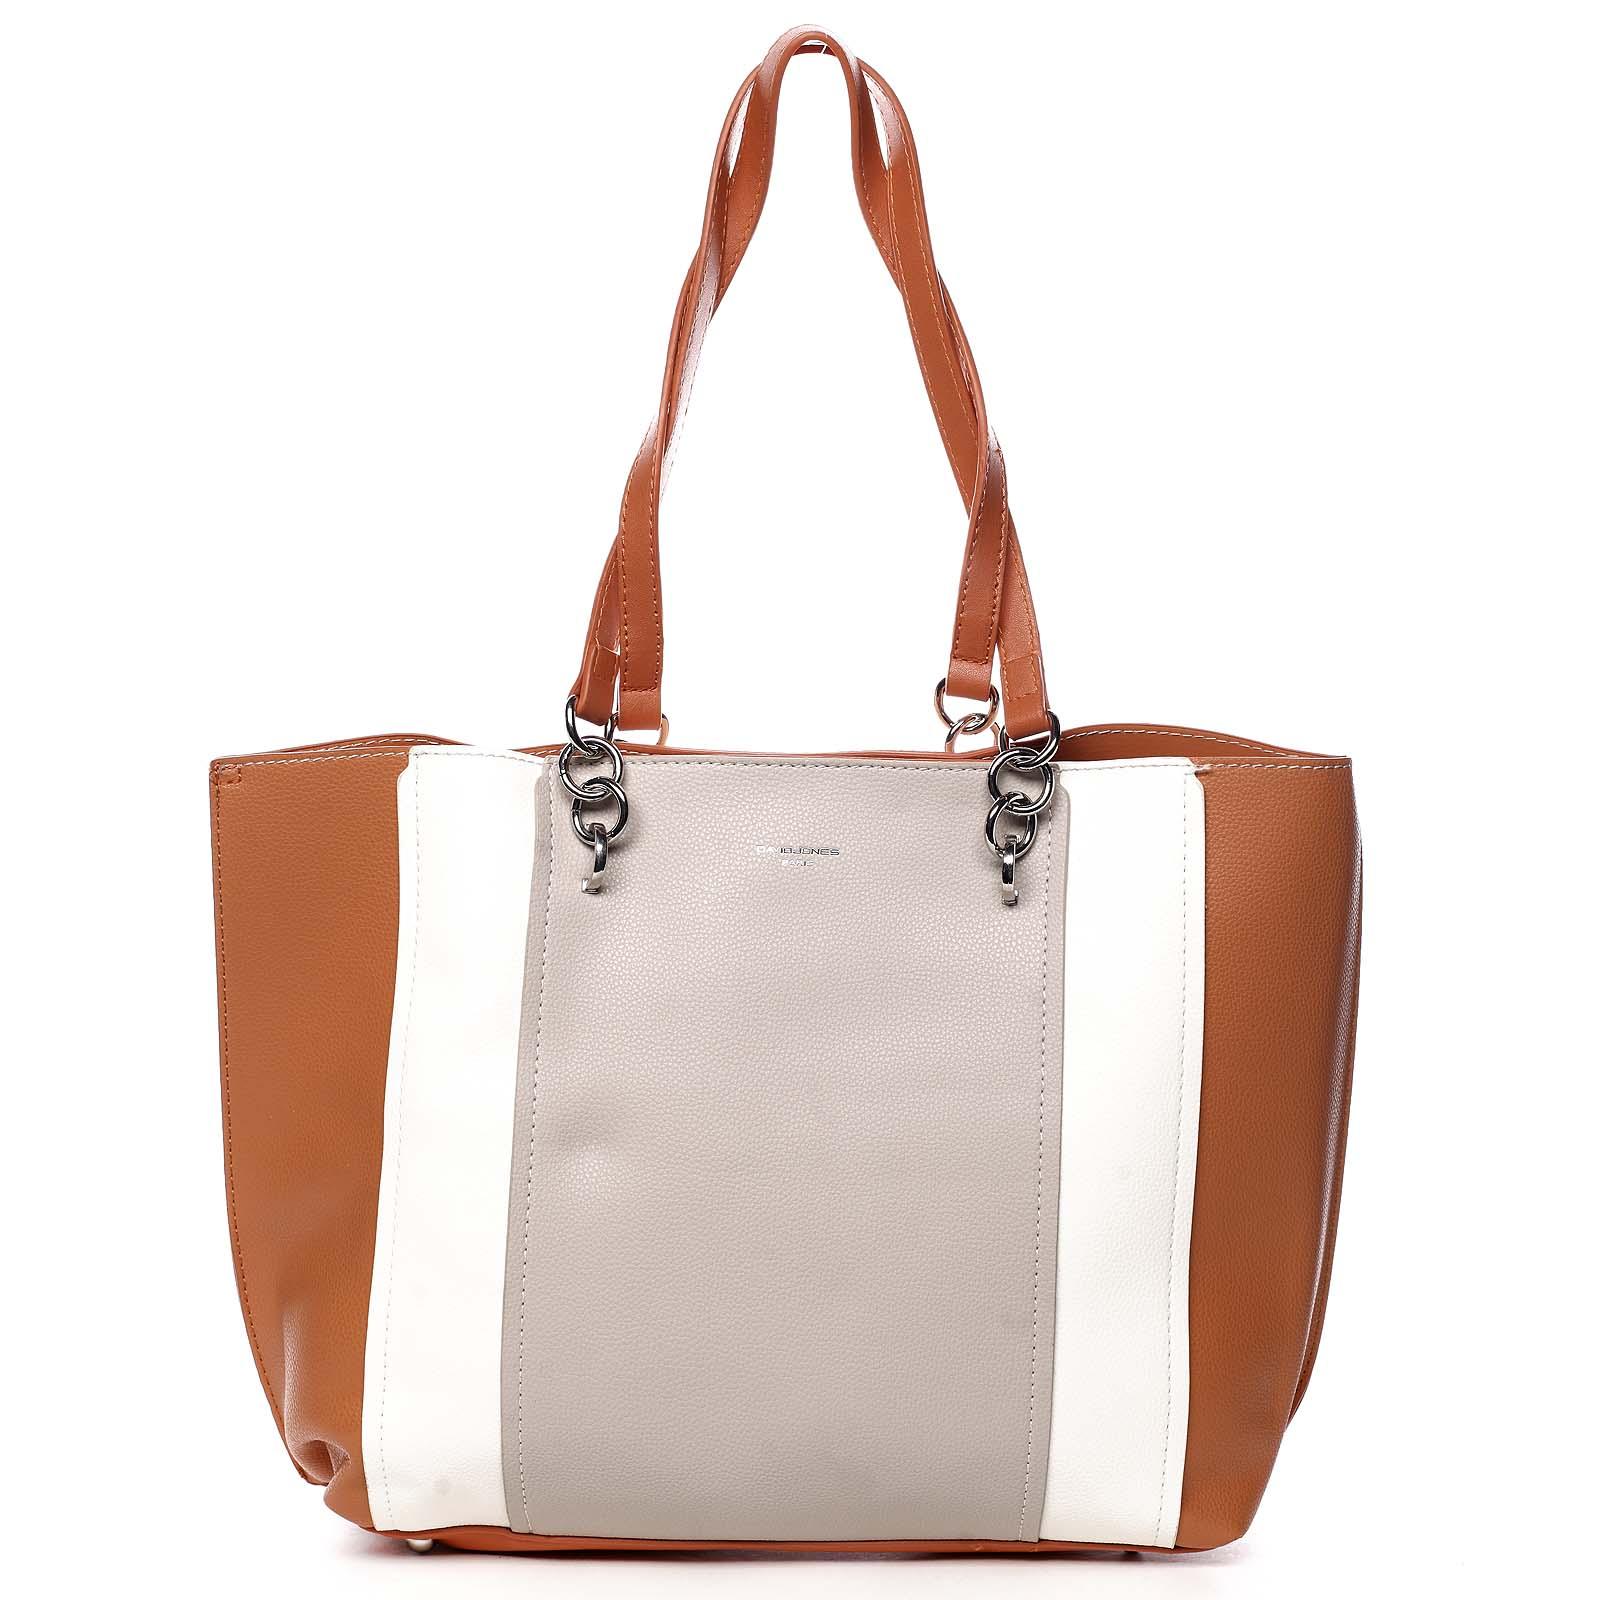 Dámska kabelka cez plece oranžová - David Jones Reason oranžová